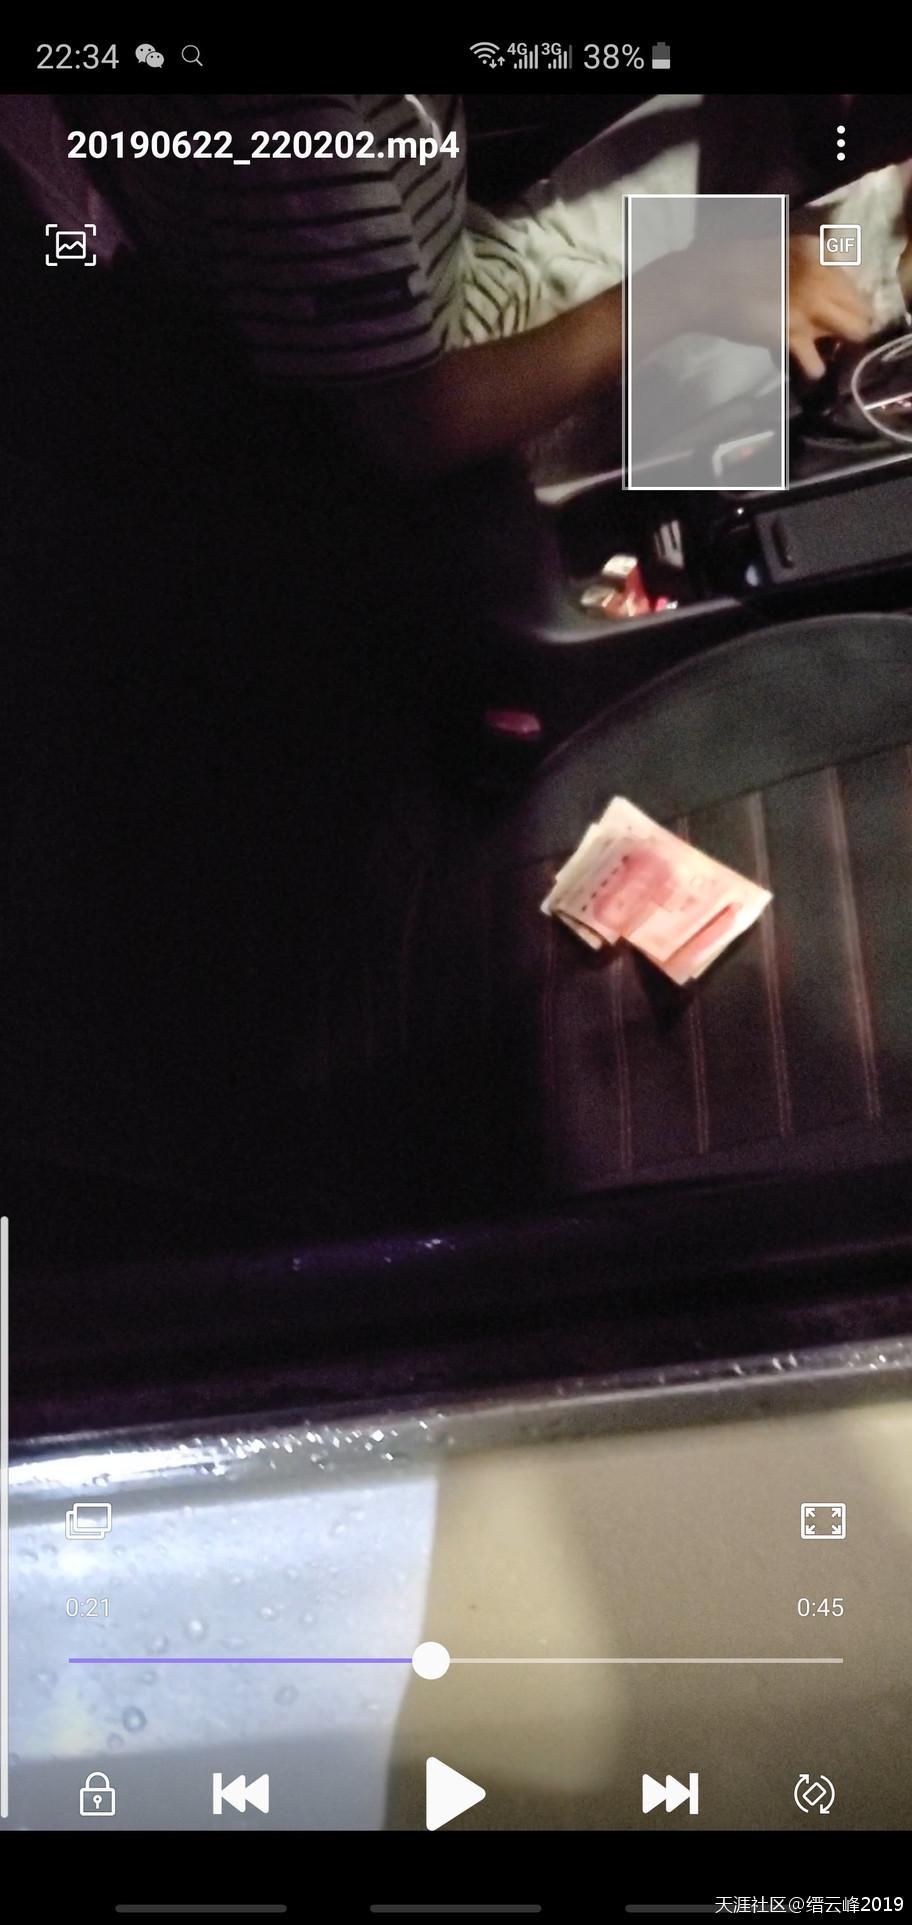 手机遗失在滴滴车上,滴滴司机收到500元钱后才归还乘客!